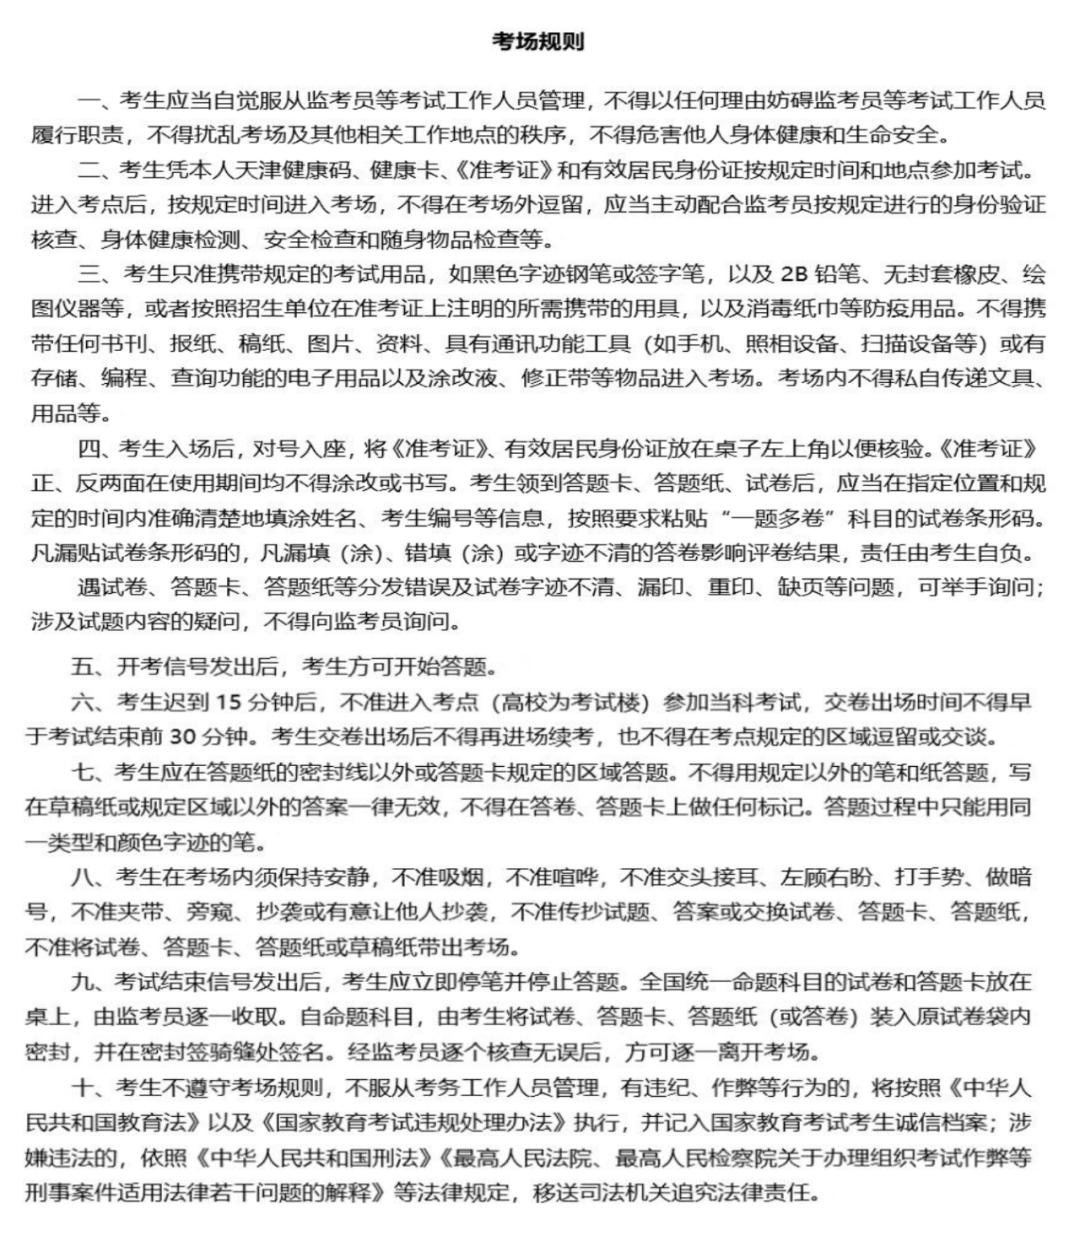 聚焦 |天津市教育招生考试院致2021年在津参加研考考生的一封信图片